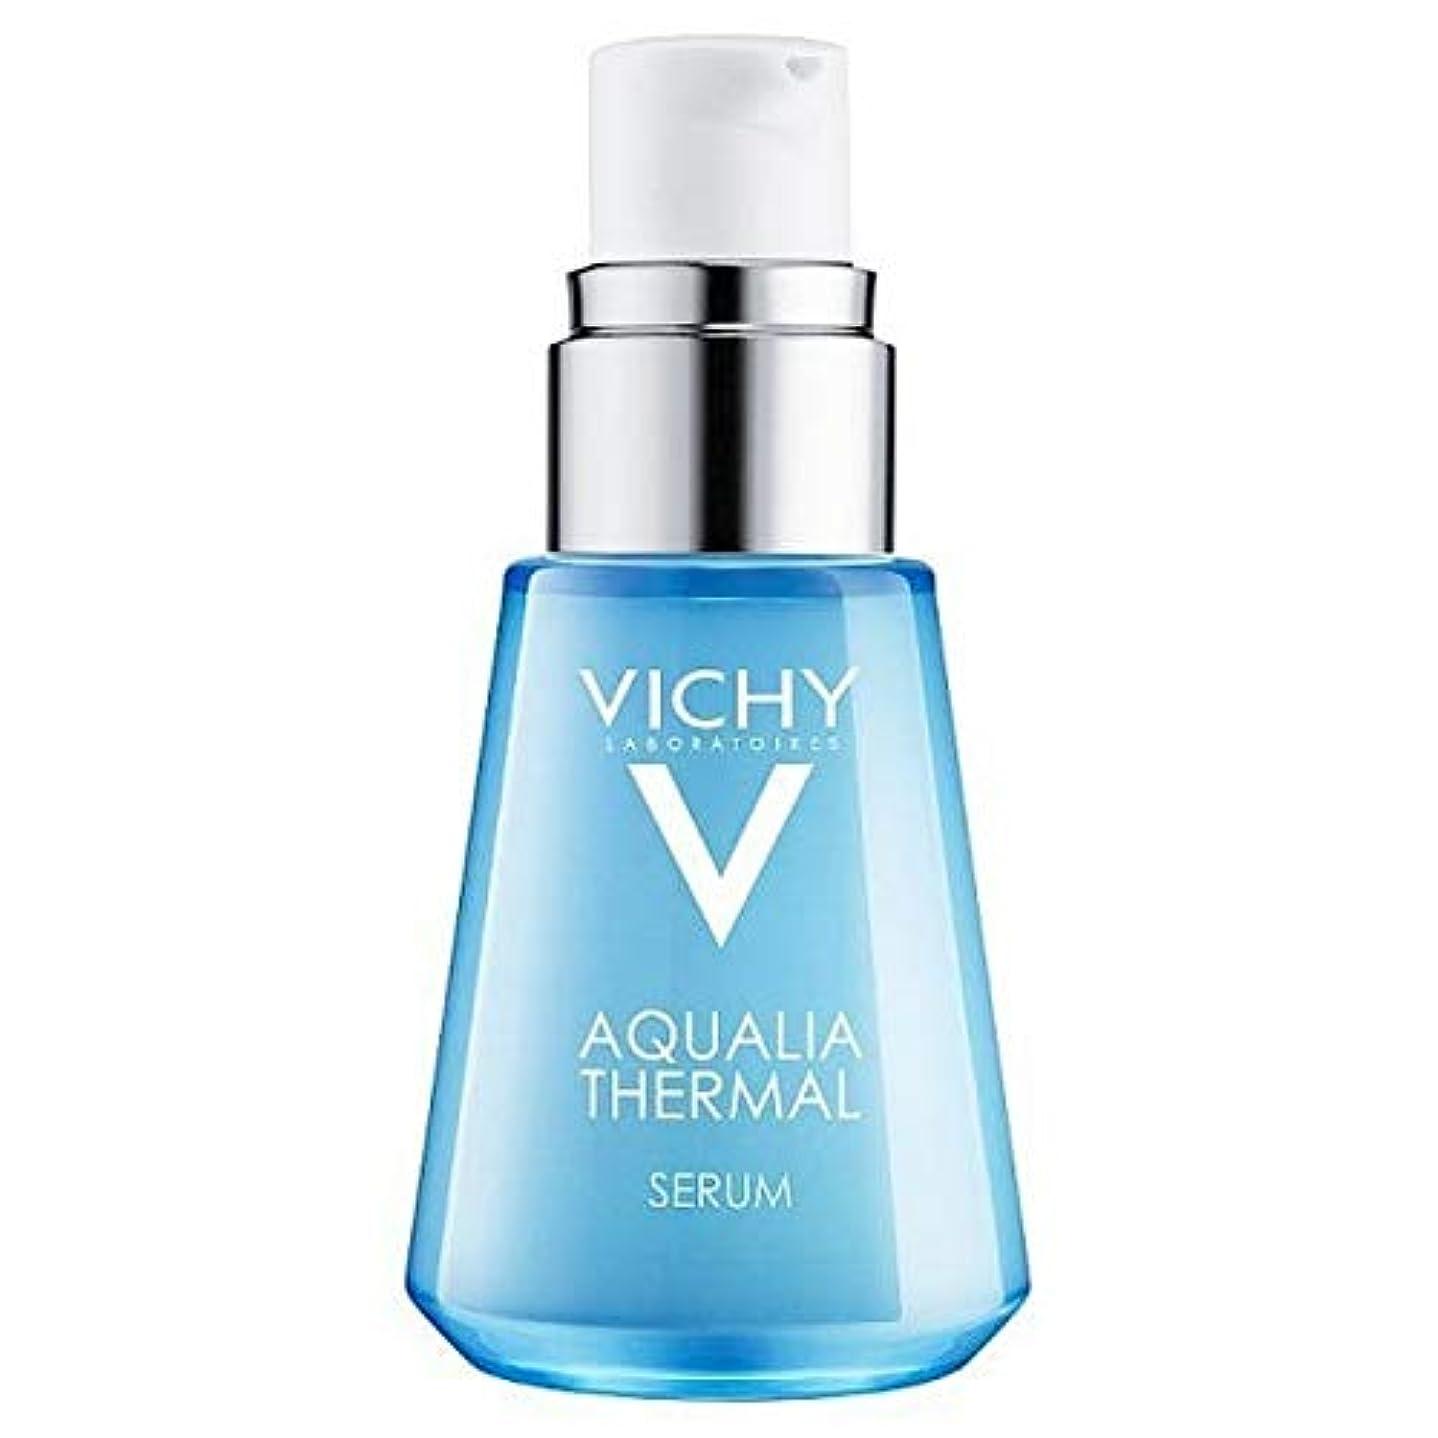 カウンターパートかりてジャンプする[Vichy] 熱血清顔30ミリリットルAqualiaヴィシー - Vichy Aqualia Thermal Serum Face 30ml [並行輸入品]